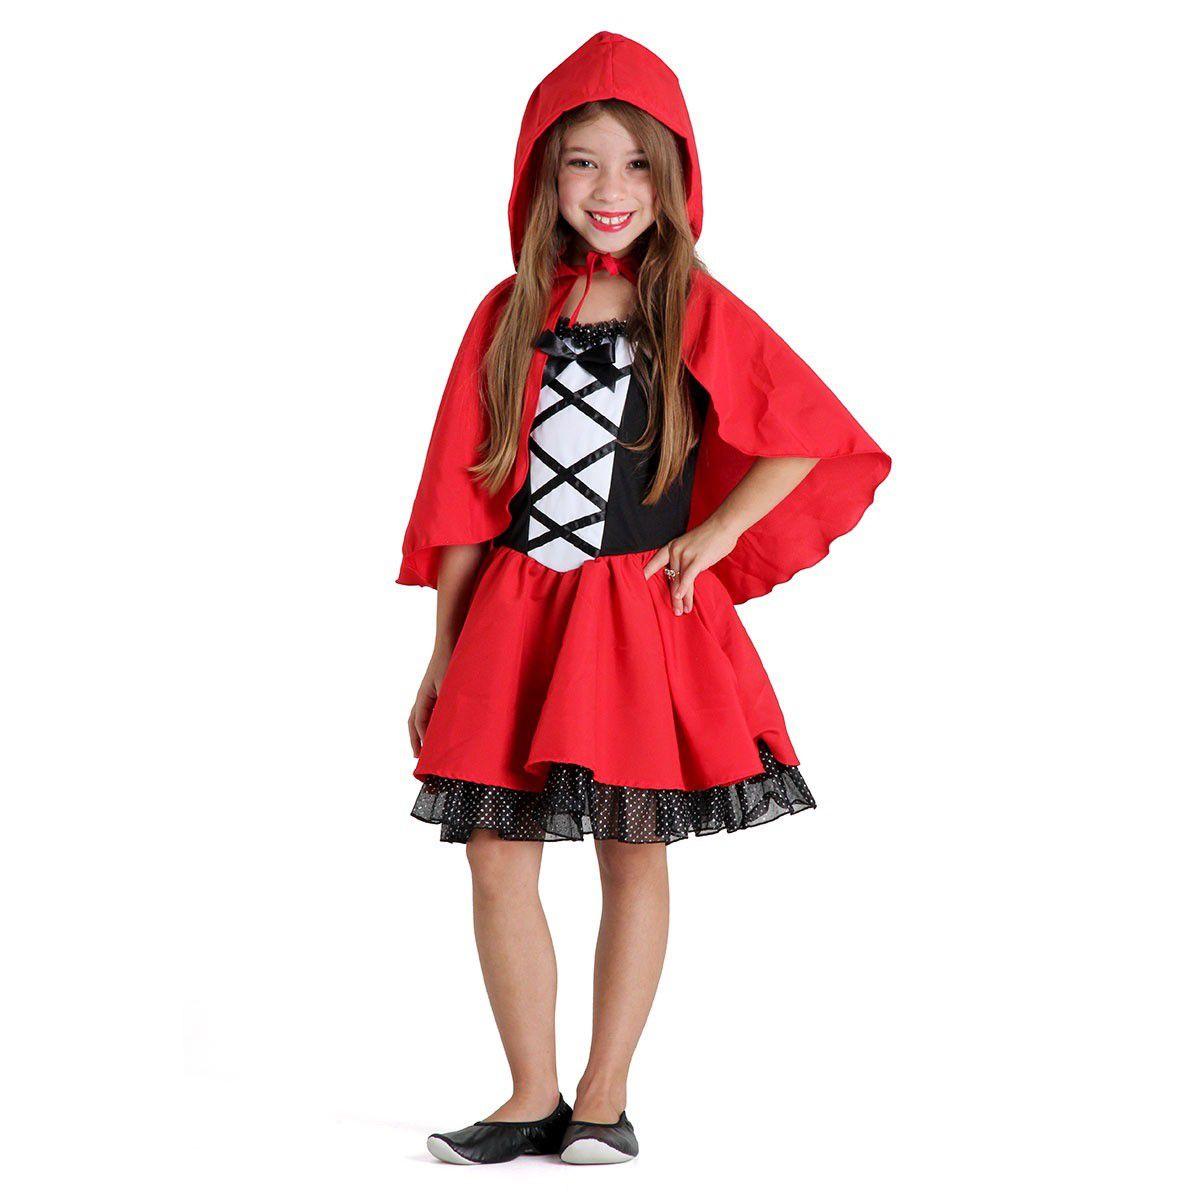 Fantasia Chapeuzinho Vermelho Infantil Luxo